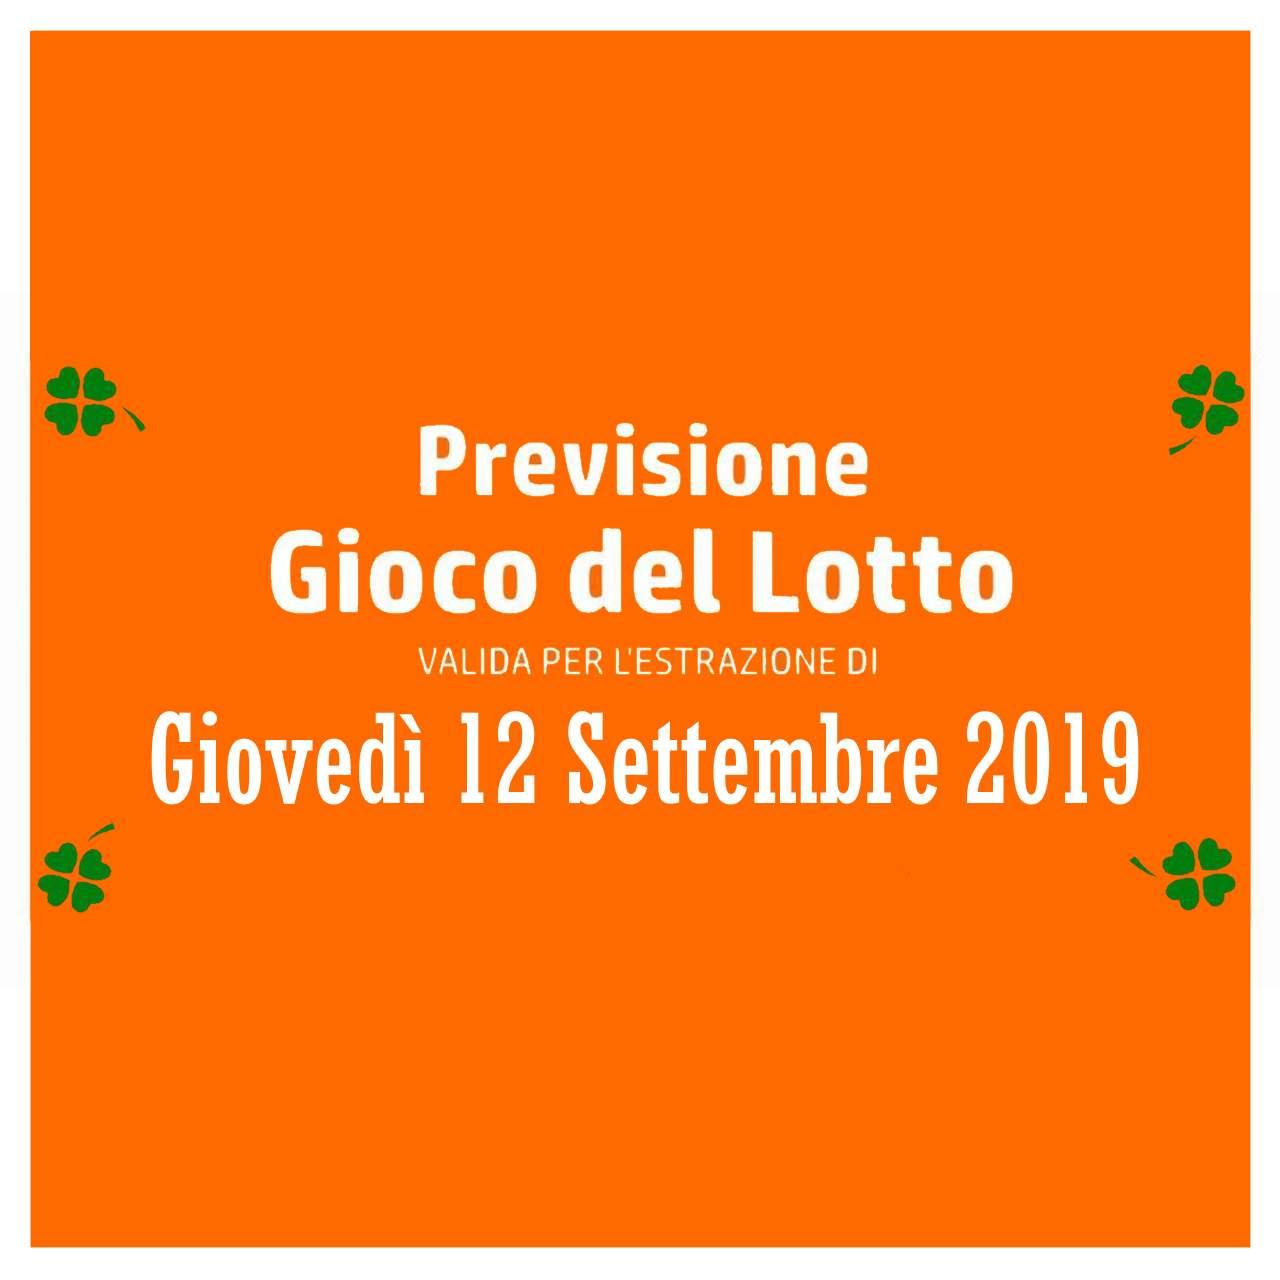 Previsione Lotto 12 Settembre 2019